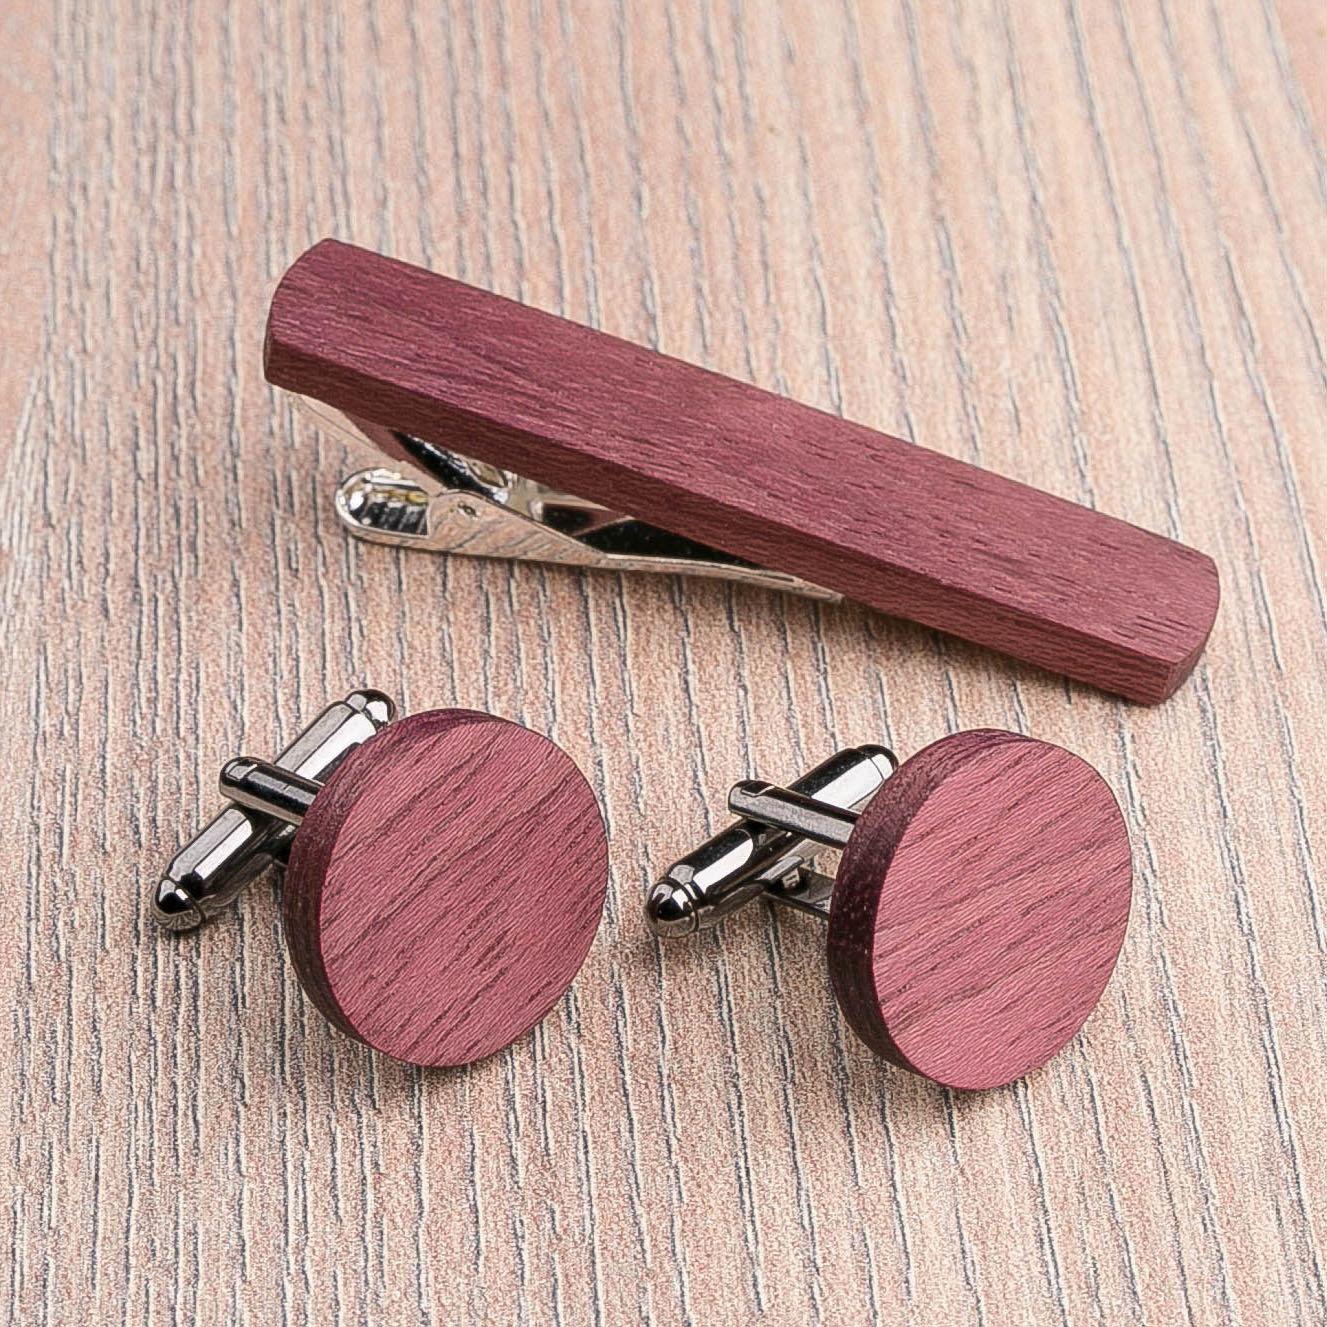 Комплект: Круглые запонки из дерева и Деревянный зажим для галстука. Массив амаранта. Гравировка инициалов. Упаковка в комплекте CufflinksSet-RoundAmaranth